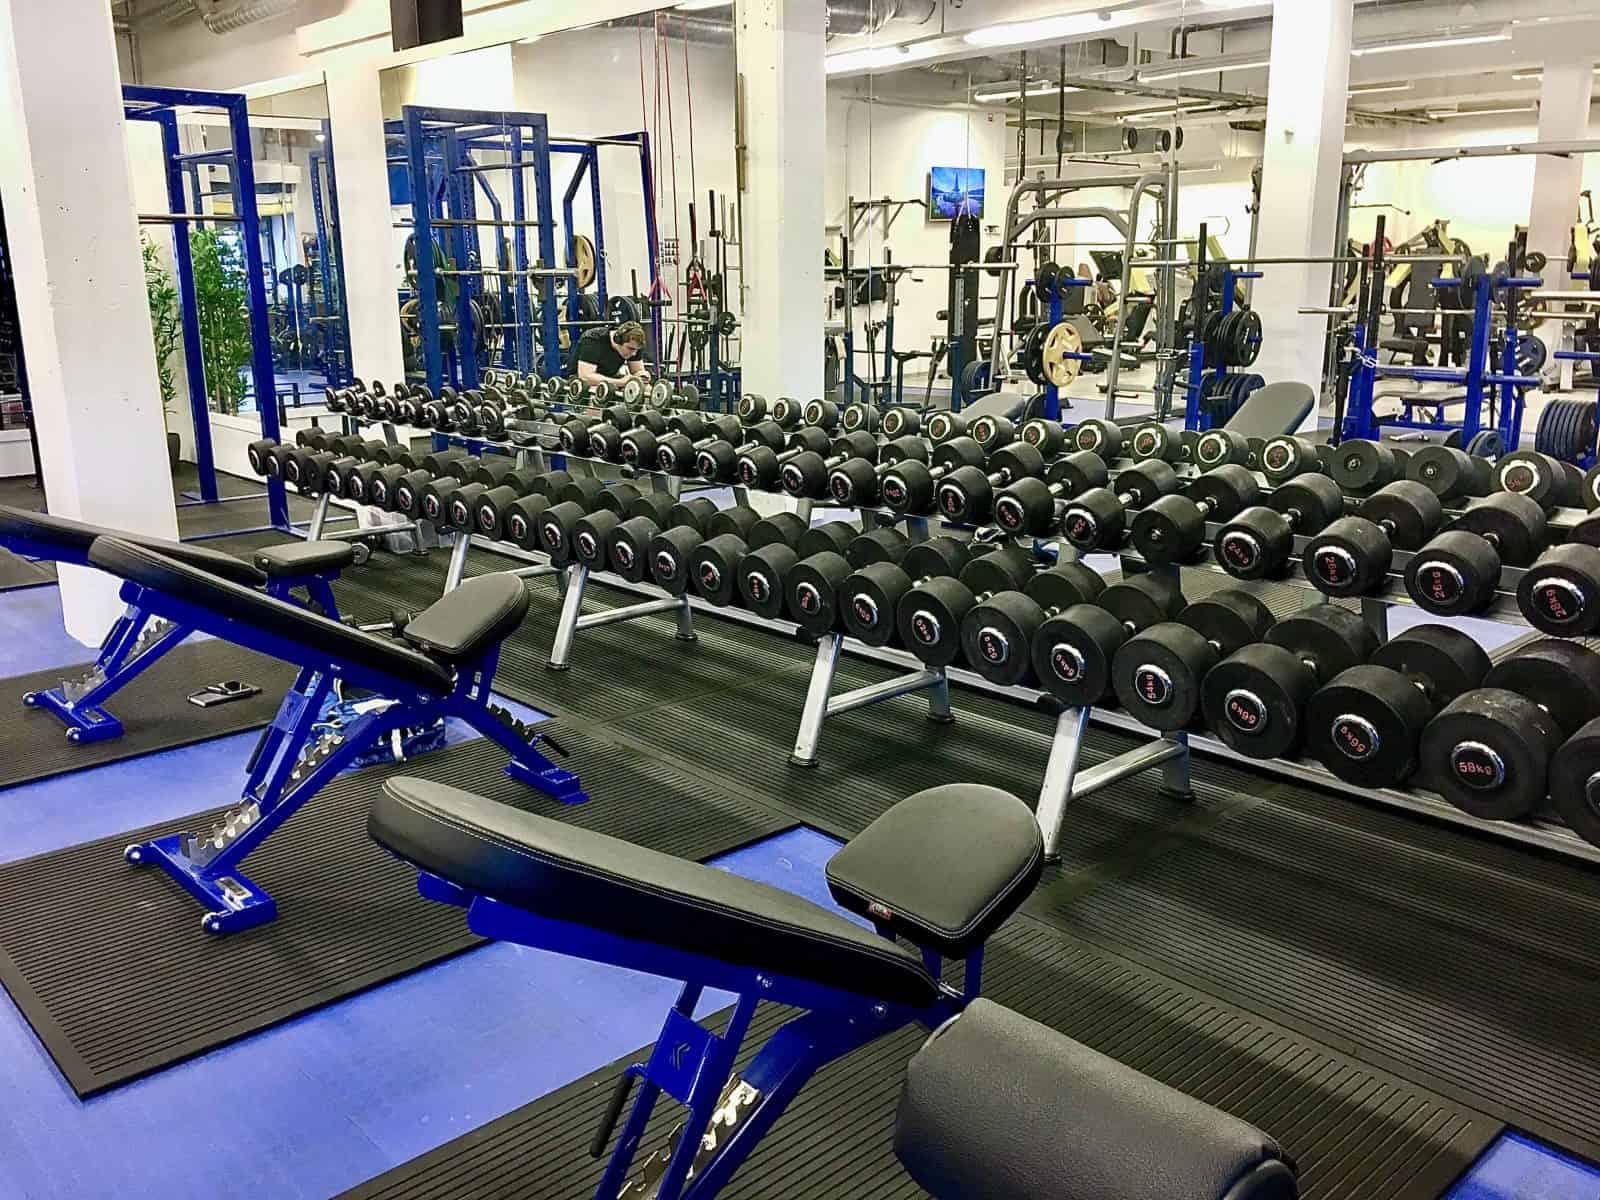 Manualer fra 2-60 kg med to kg intervaller. Gjør at du kan øke oftere enn med 2.5 kg intervaller som de fleste andre gym tilbyr.